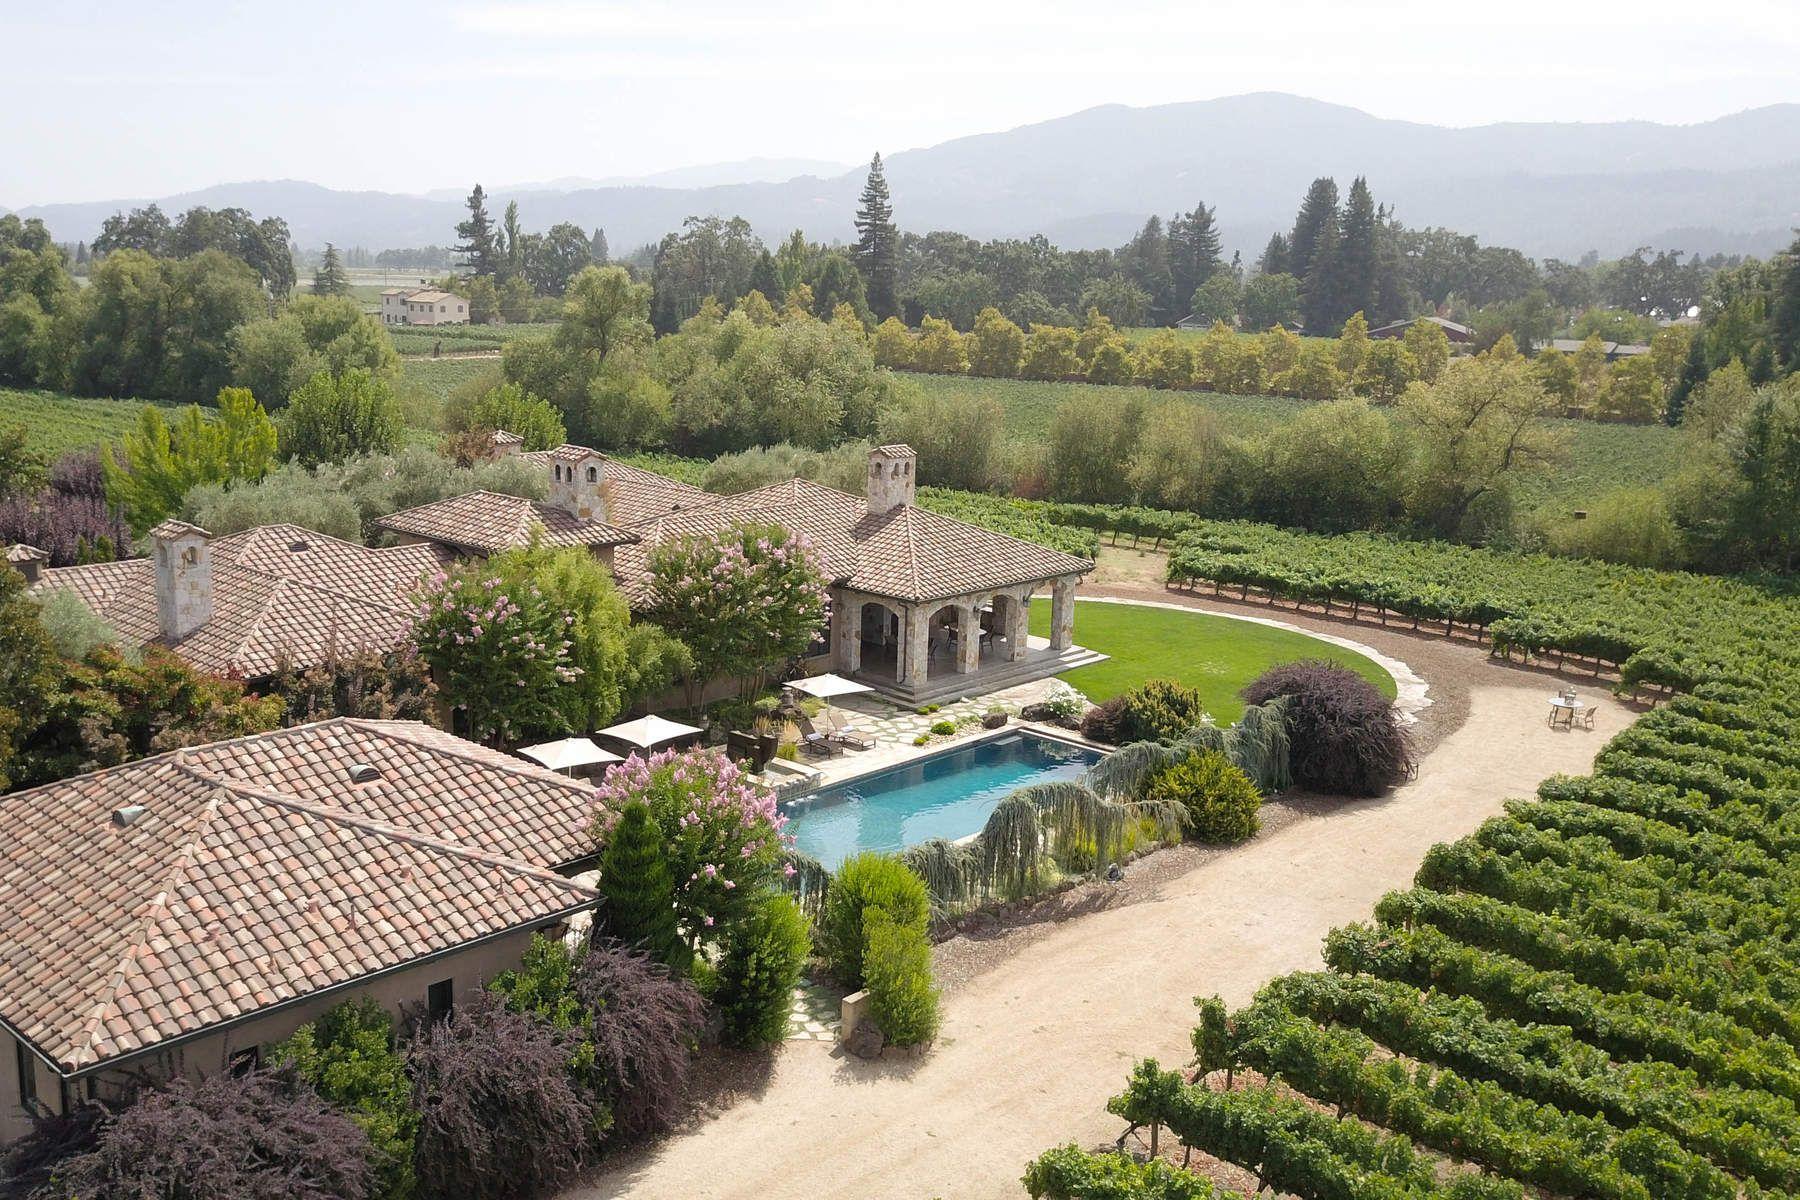 Частный односемейный дом для того Продажа на Napa Valley Estate Home and Vineyards St. Helena, Калифорния 94574 Соединенные Штаты